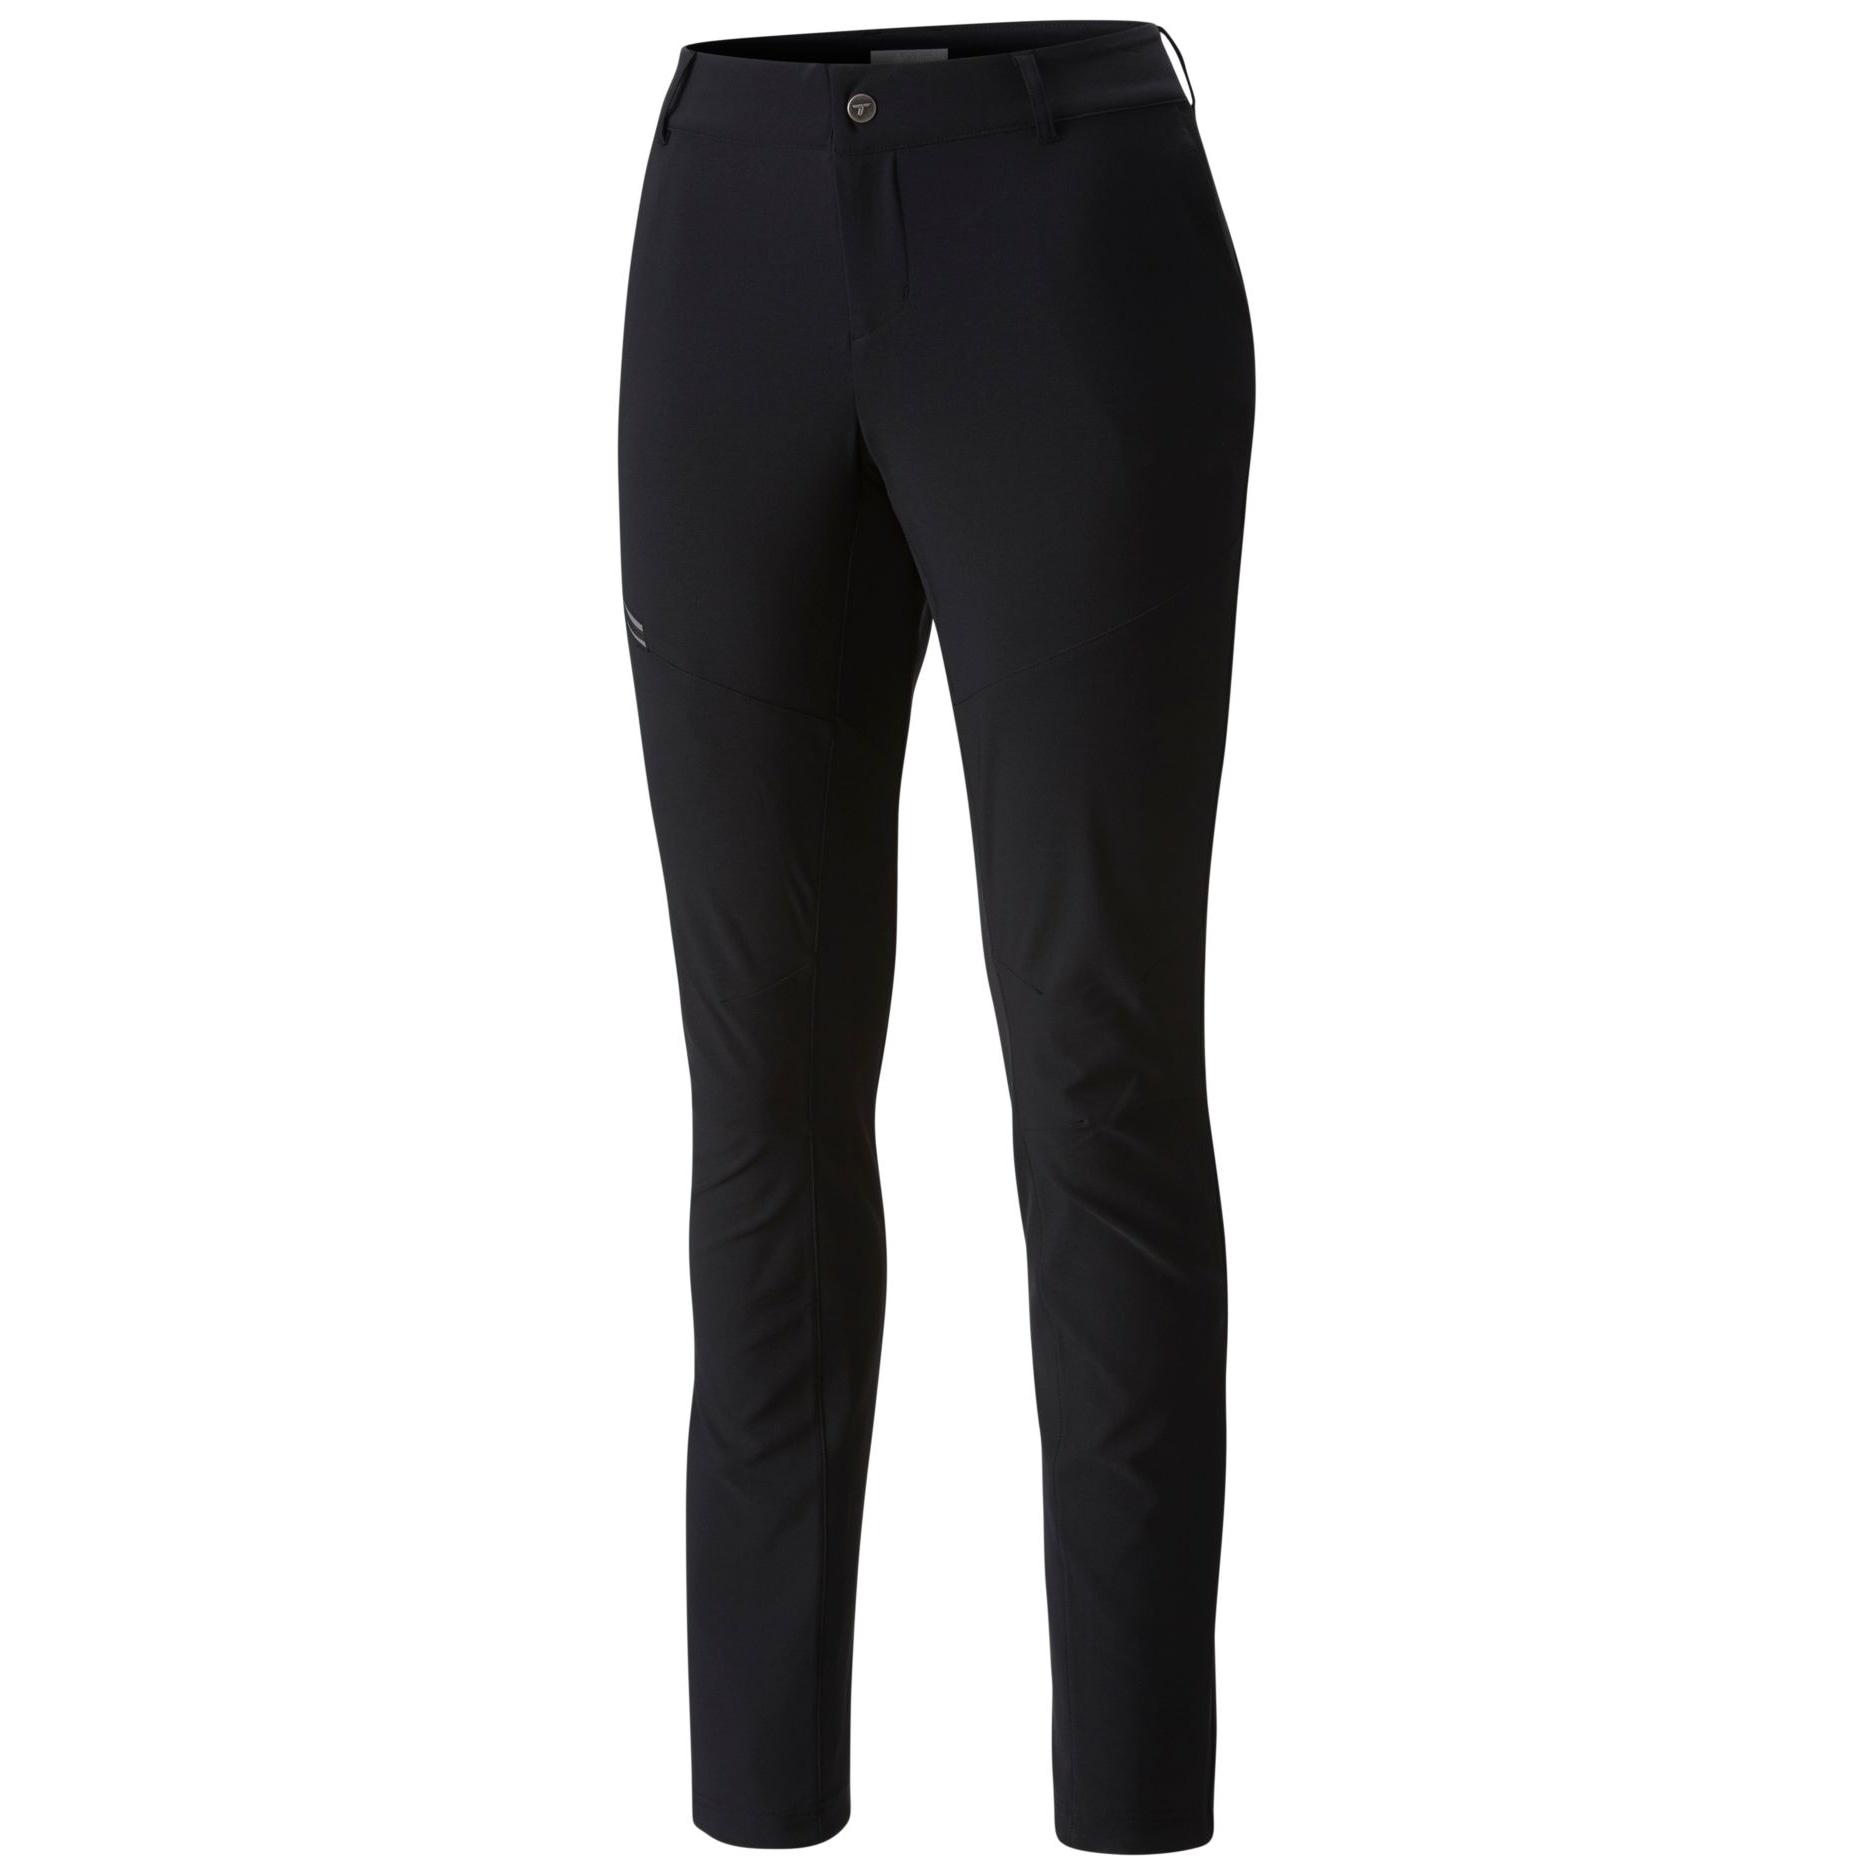 Titan Trail Hybrid Pant - Women's